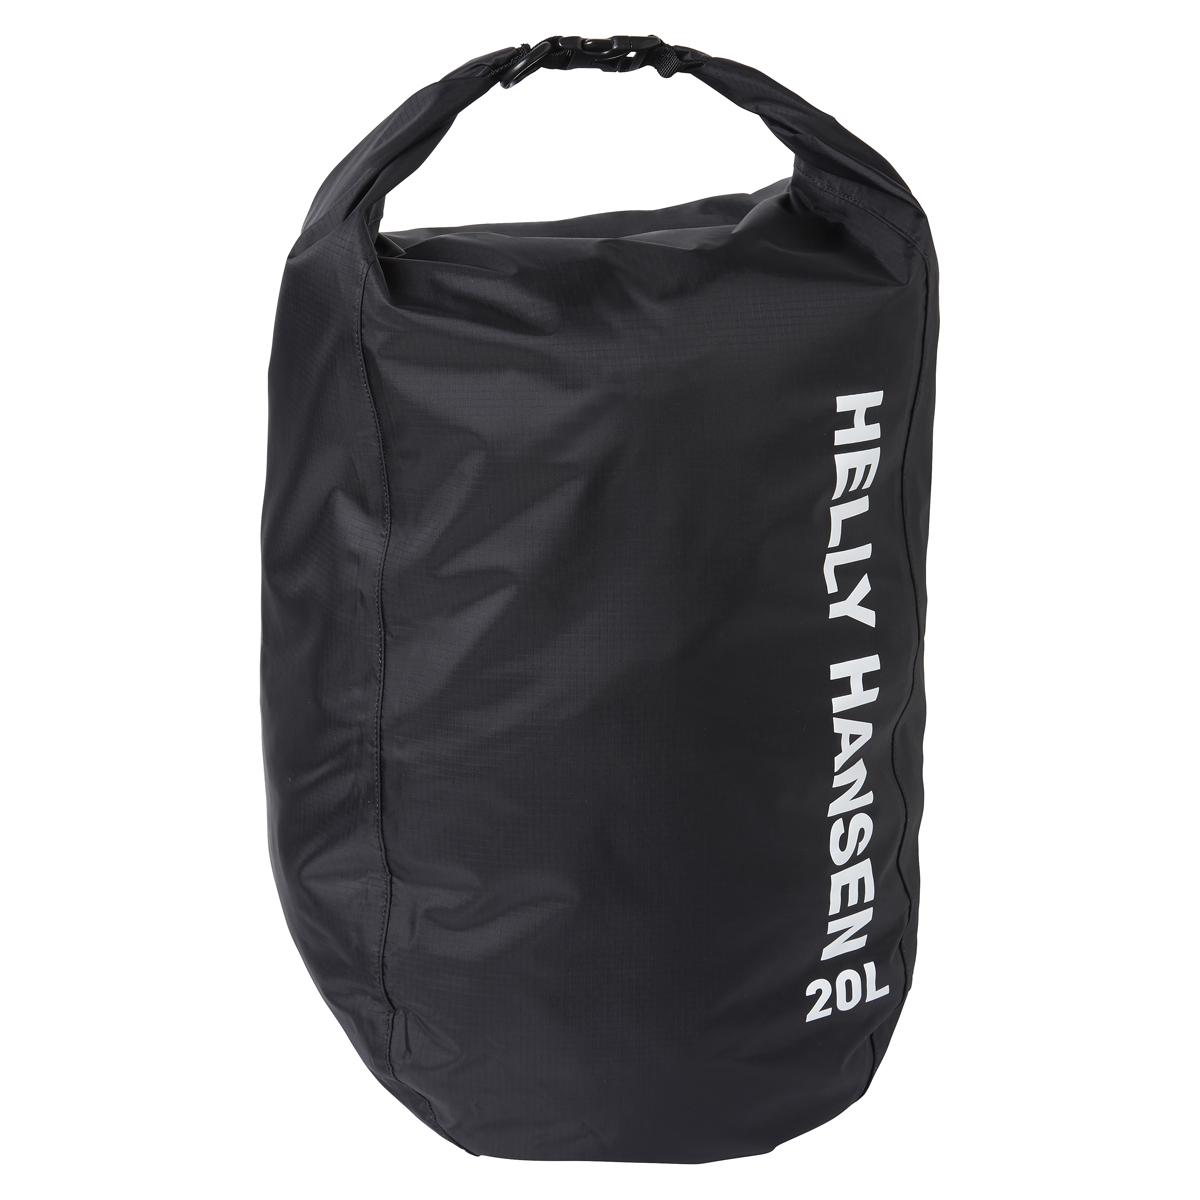 Helly Hansen Light Dry Bag 20L (67375)